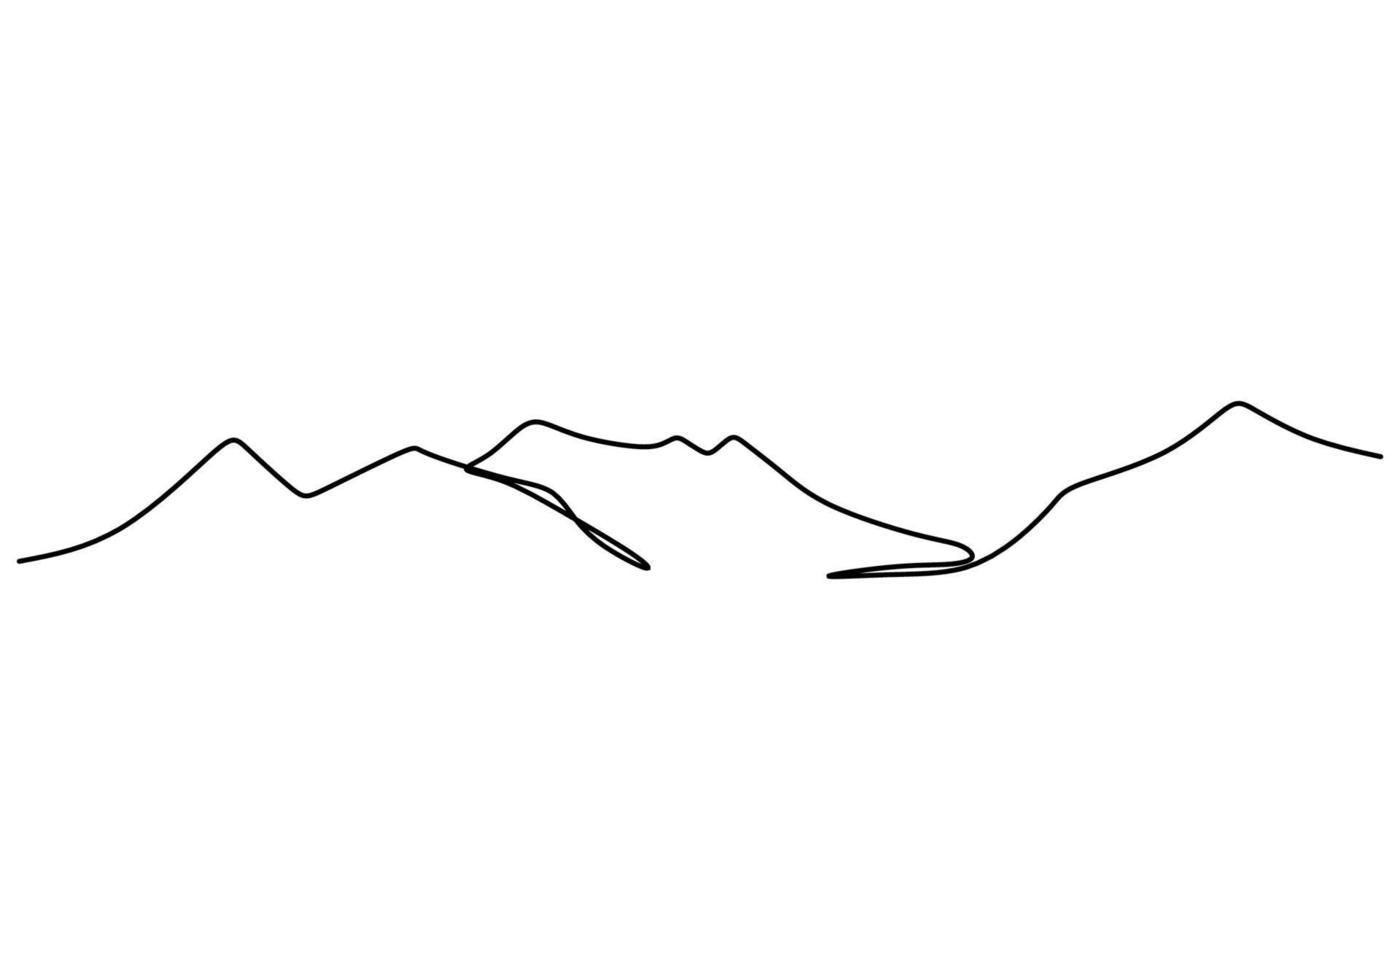 berglandschap continu één lijn vector tekening. prachtig uitzicht met bergen en frisse lucht. natuur, rock panoramische schets. concept vakantie vakantie geïsoleerd op een witte achtergrond